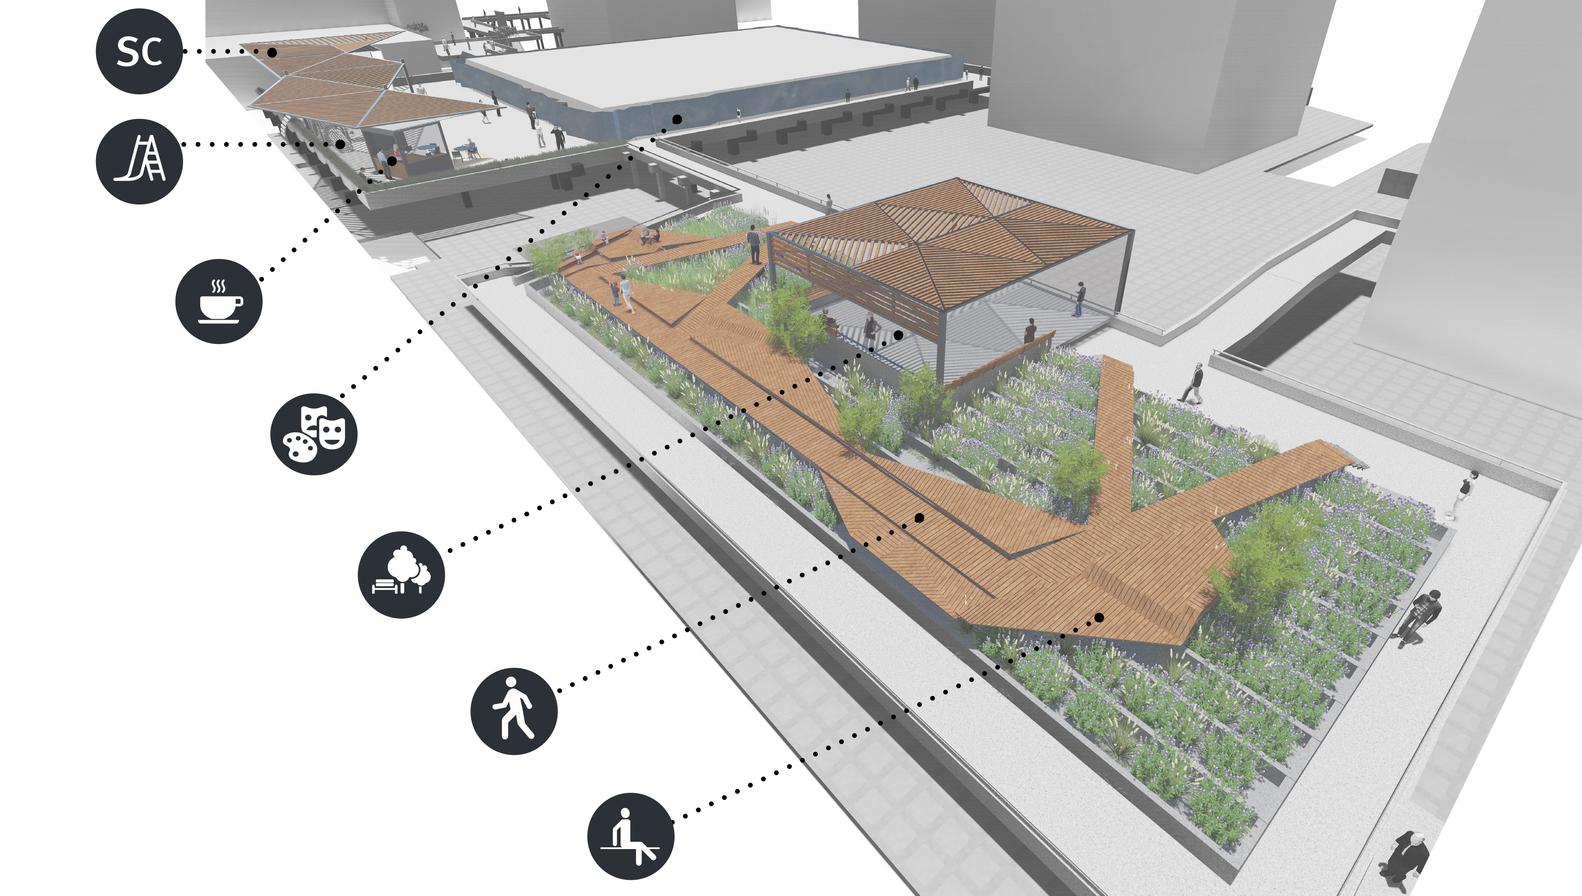 Paseos - Pasarelas San Borja / Josefa Villalabeitia. Image Cortesía de Pasarelas Verdes